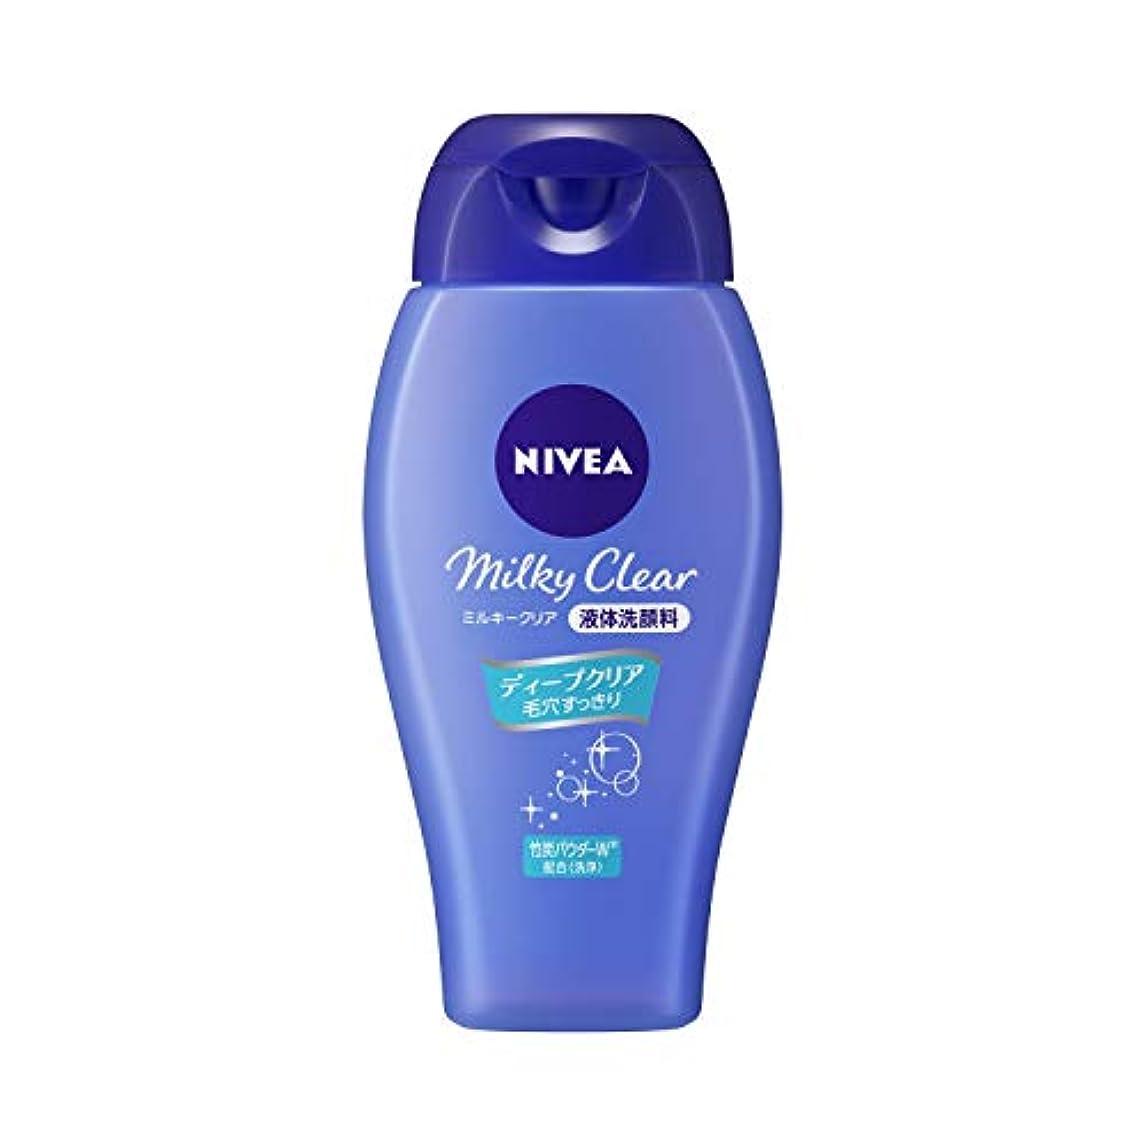 振るう大西洋眩惑するニベア ミルキークリア洗顔料 ディープクリア 本体 シトラスハーブの香り 150ml